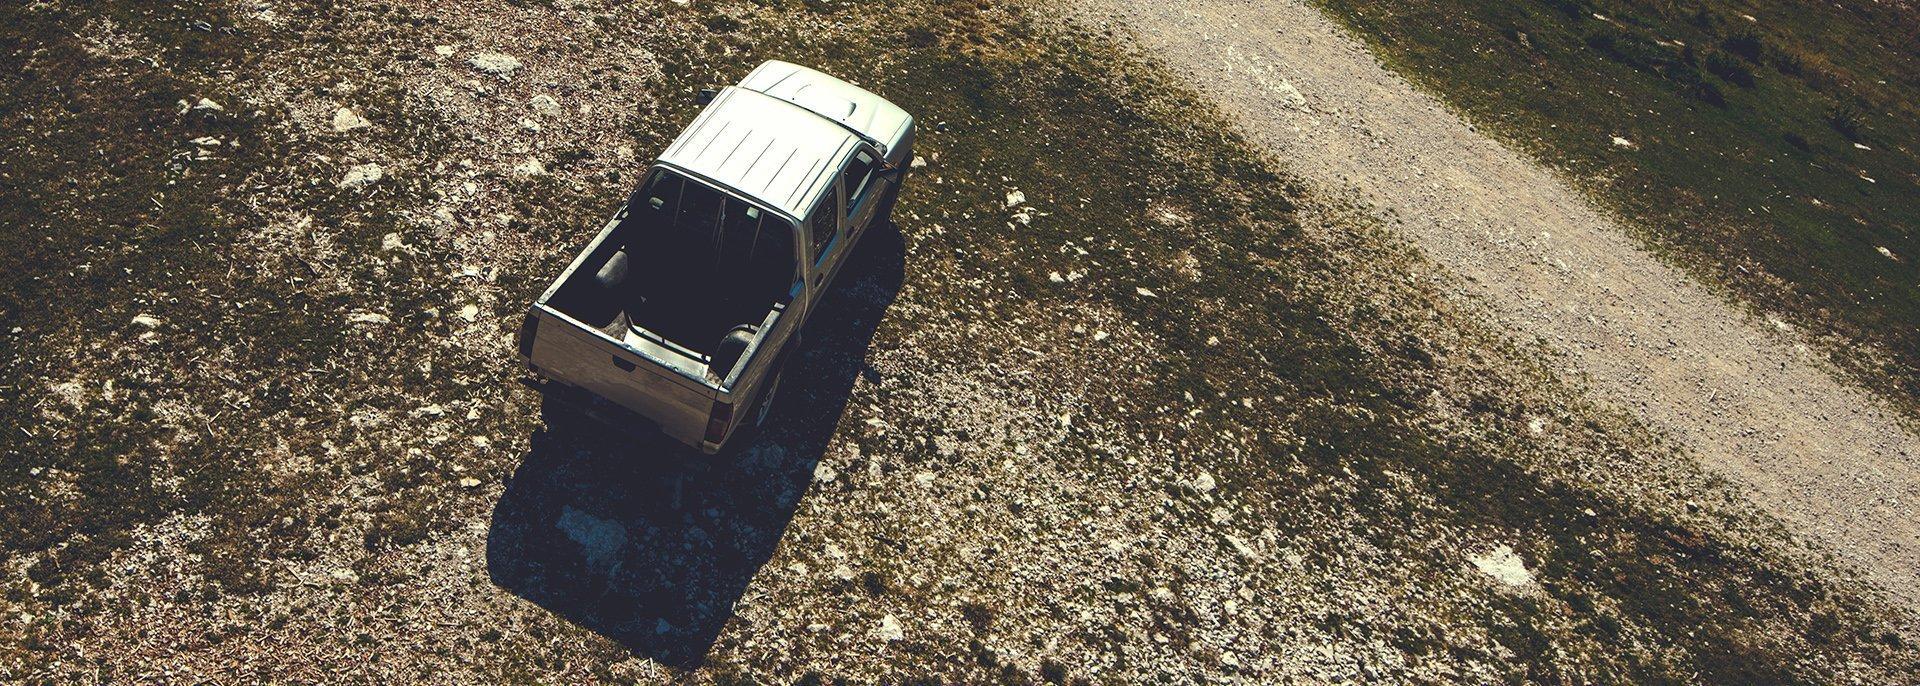 Comprar vehículos 4x4 en La Rioja